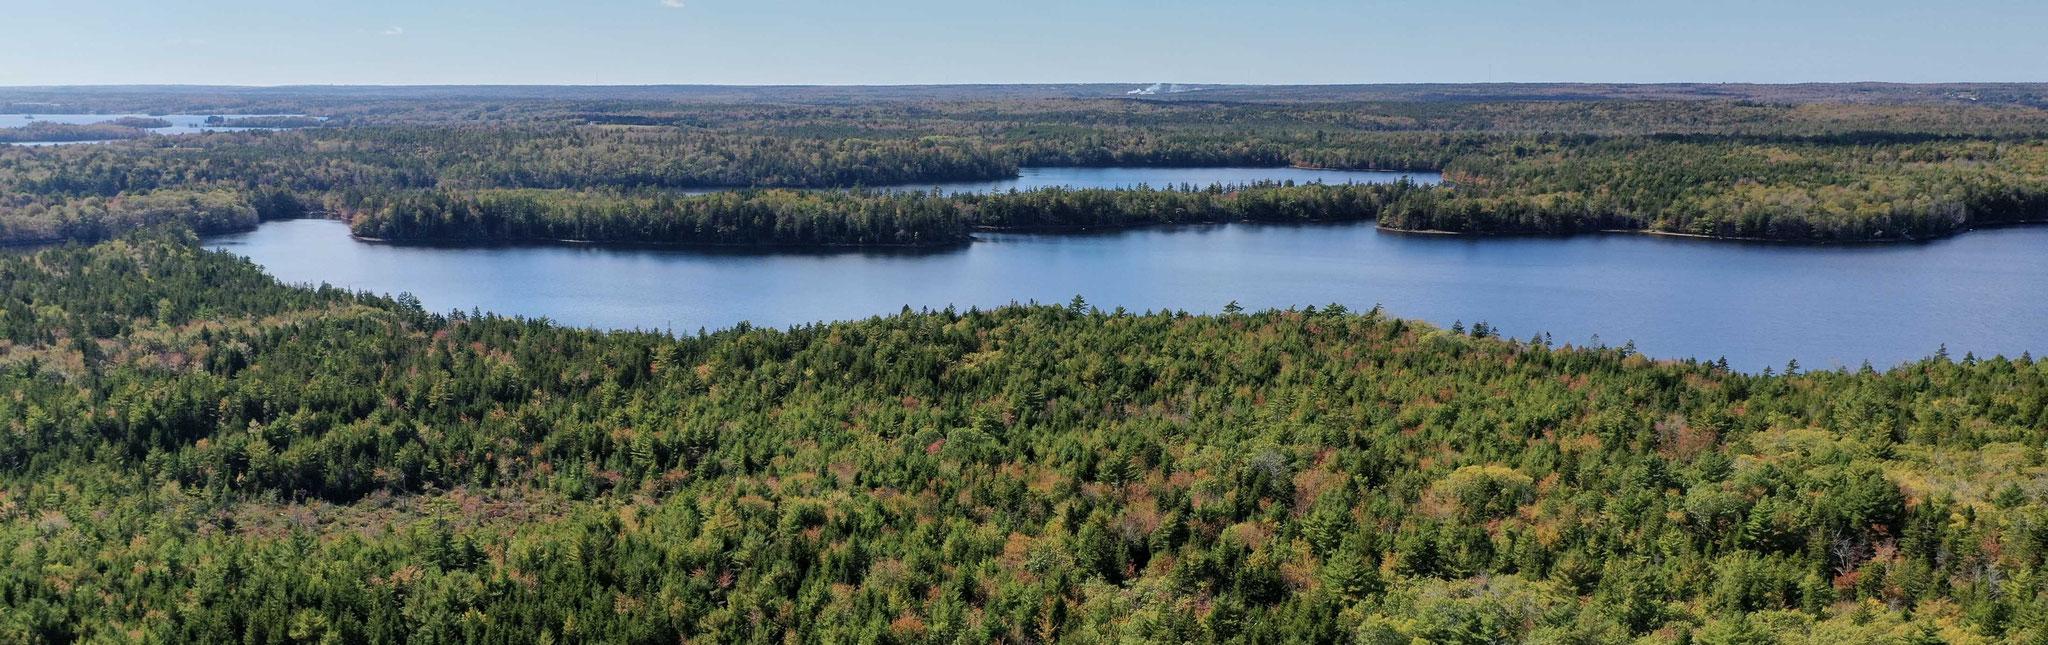 title:Yarmouth Forest,title2:Wald mit Ufer,provinz:Nova Scotia,bezirk:Yarmouth,art:Mischwald,flaeche:537 ha,ufer:2.300 Meter,preis:auf Anfrage